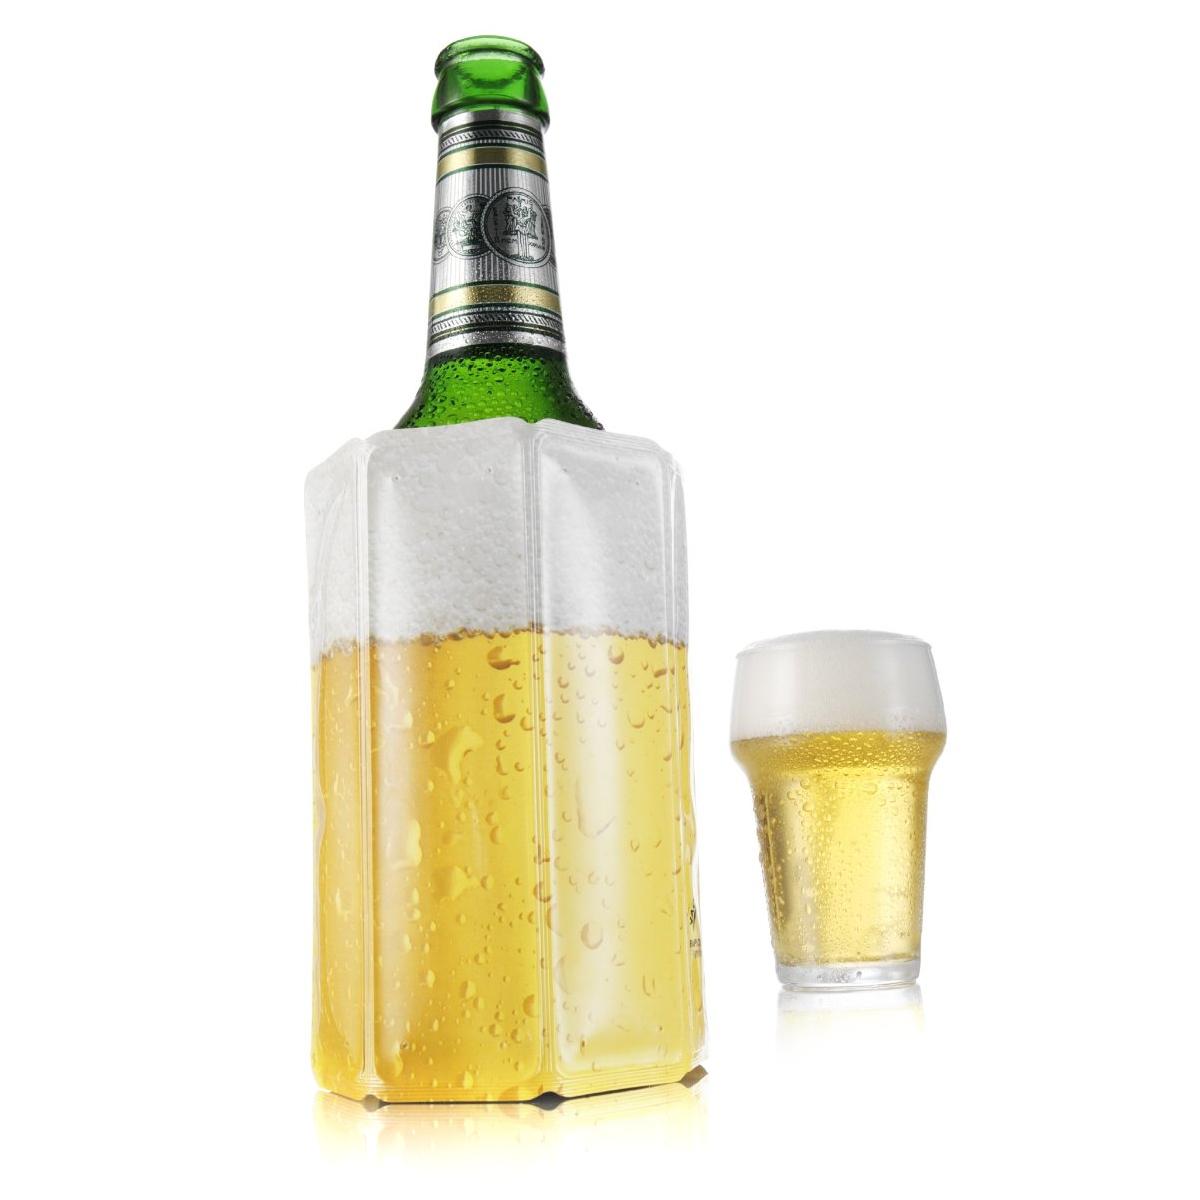 VacuVin Beer Bottle Active Beer Cooler Sleeve